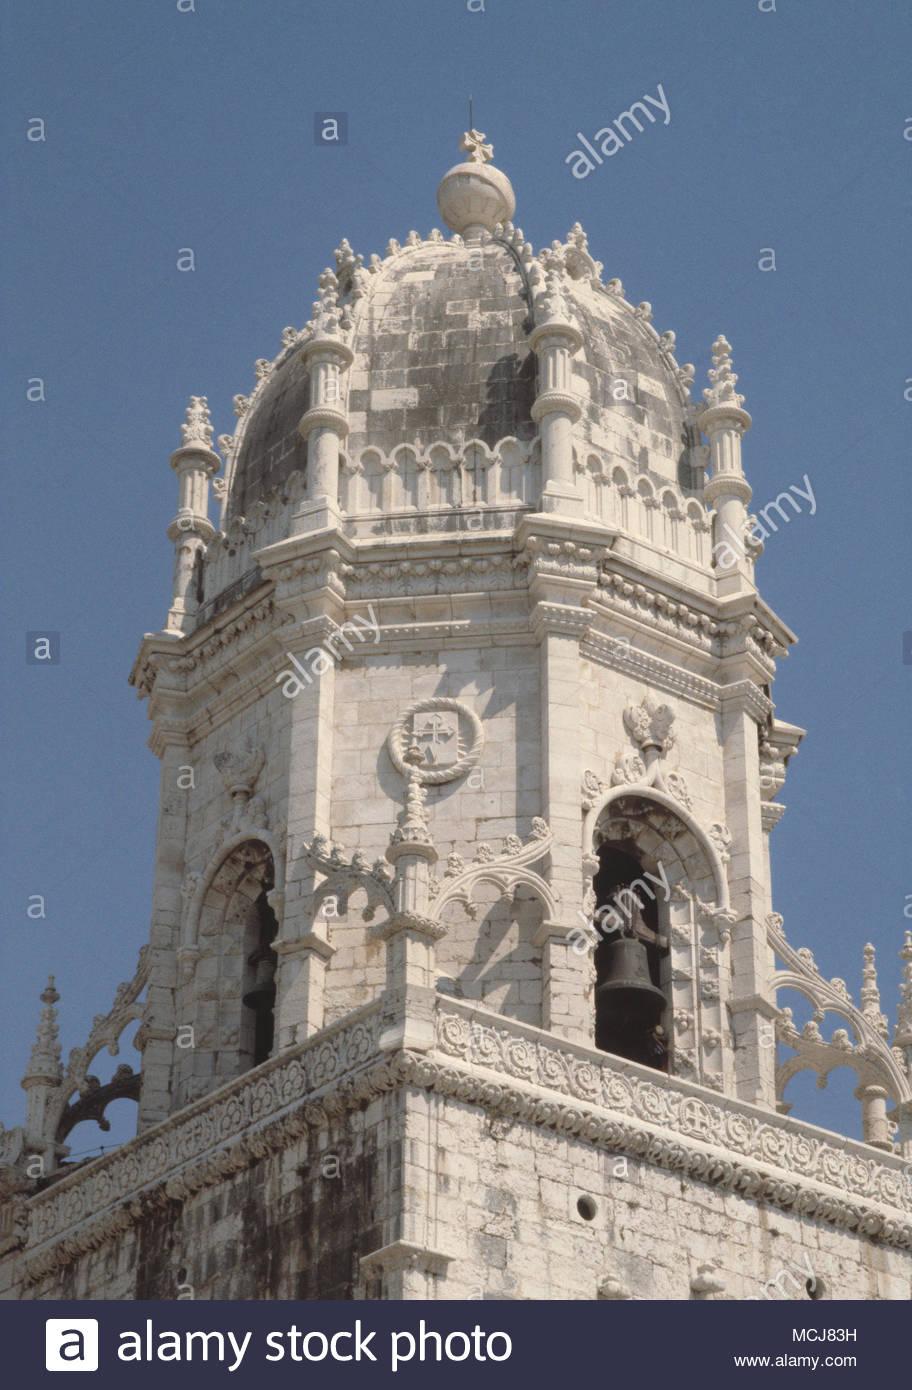 Bell tower, Jeronimos monastery ( Mosteiro dos Jeronimos), Belem, Lisbon, Portugal. - Stock Image